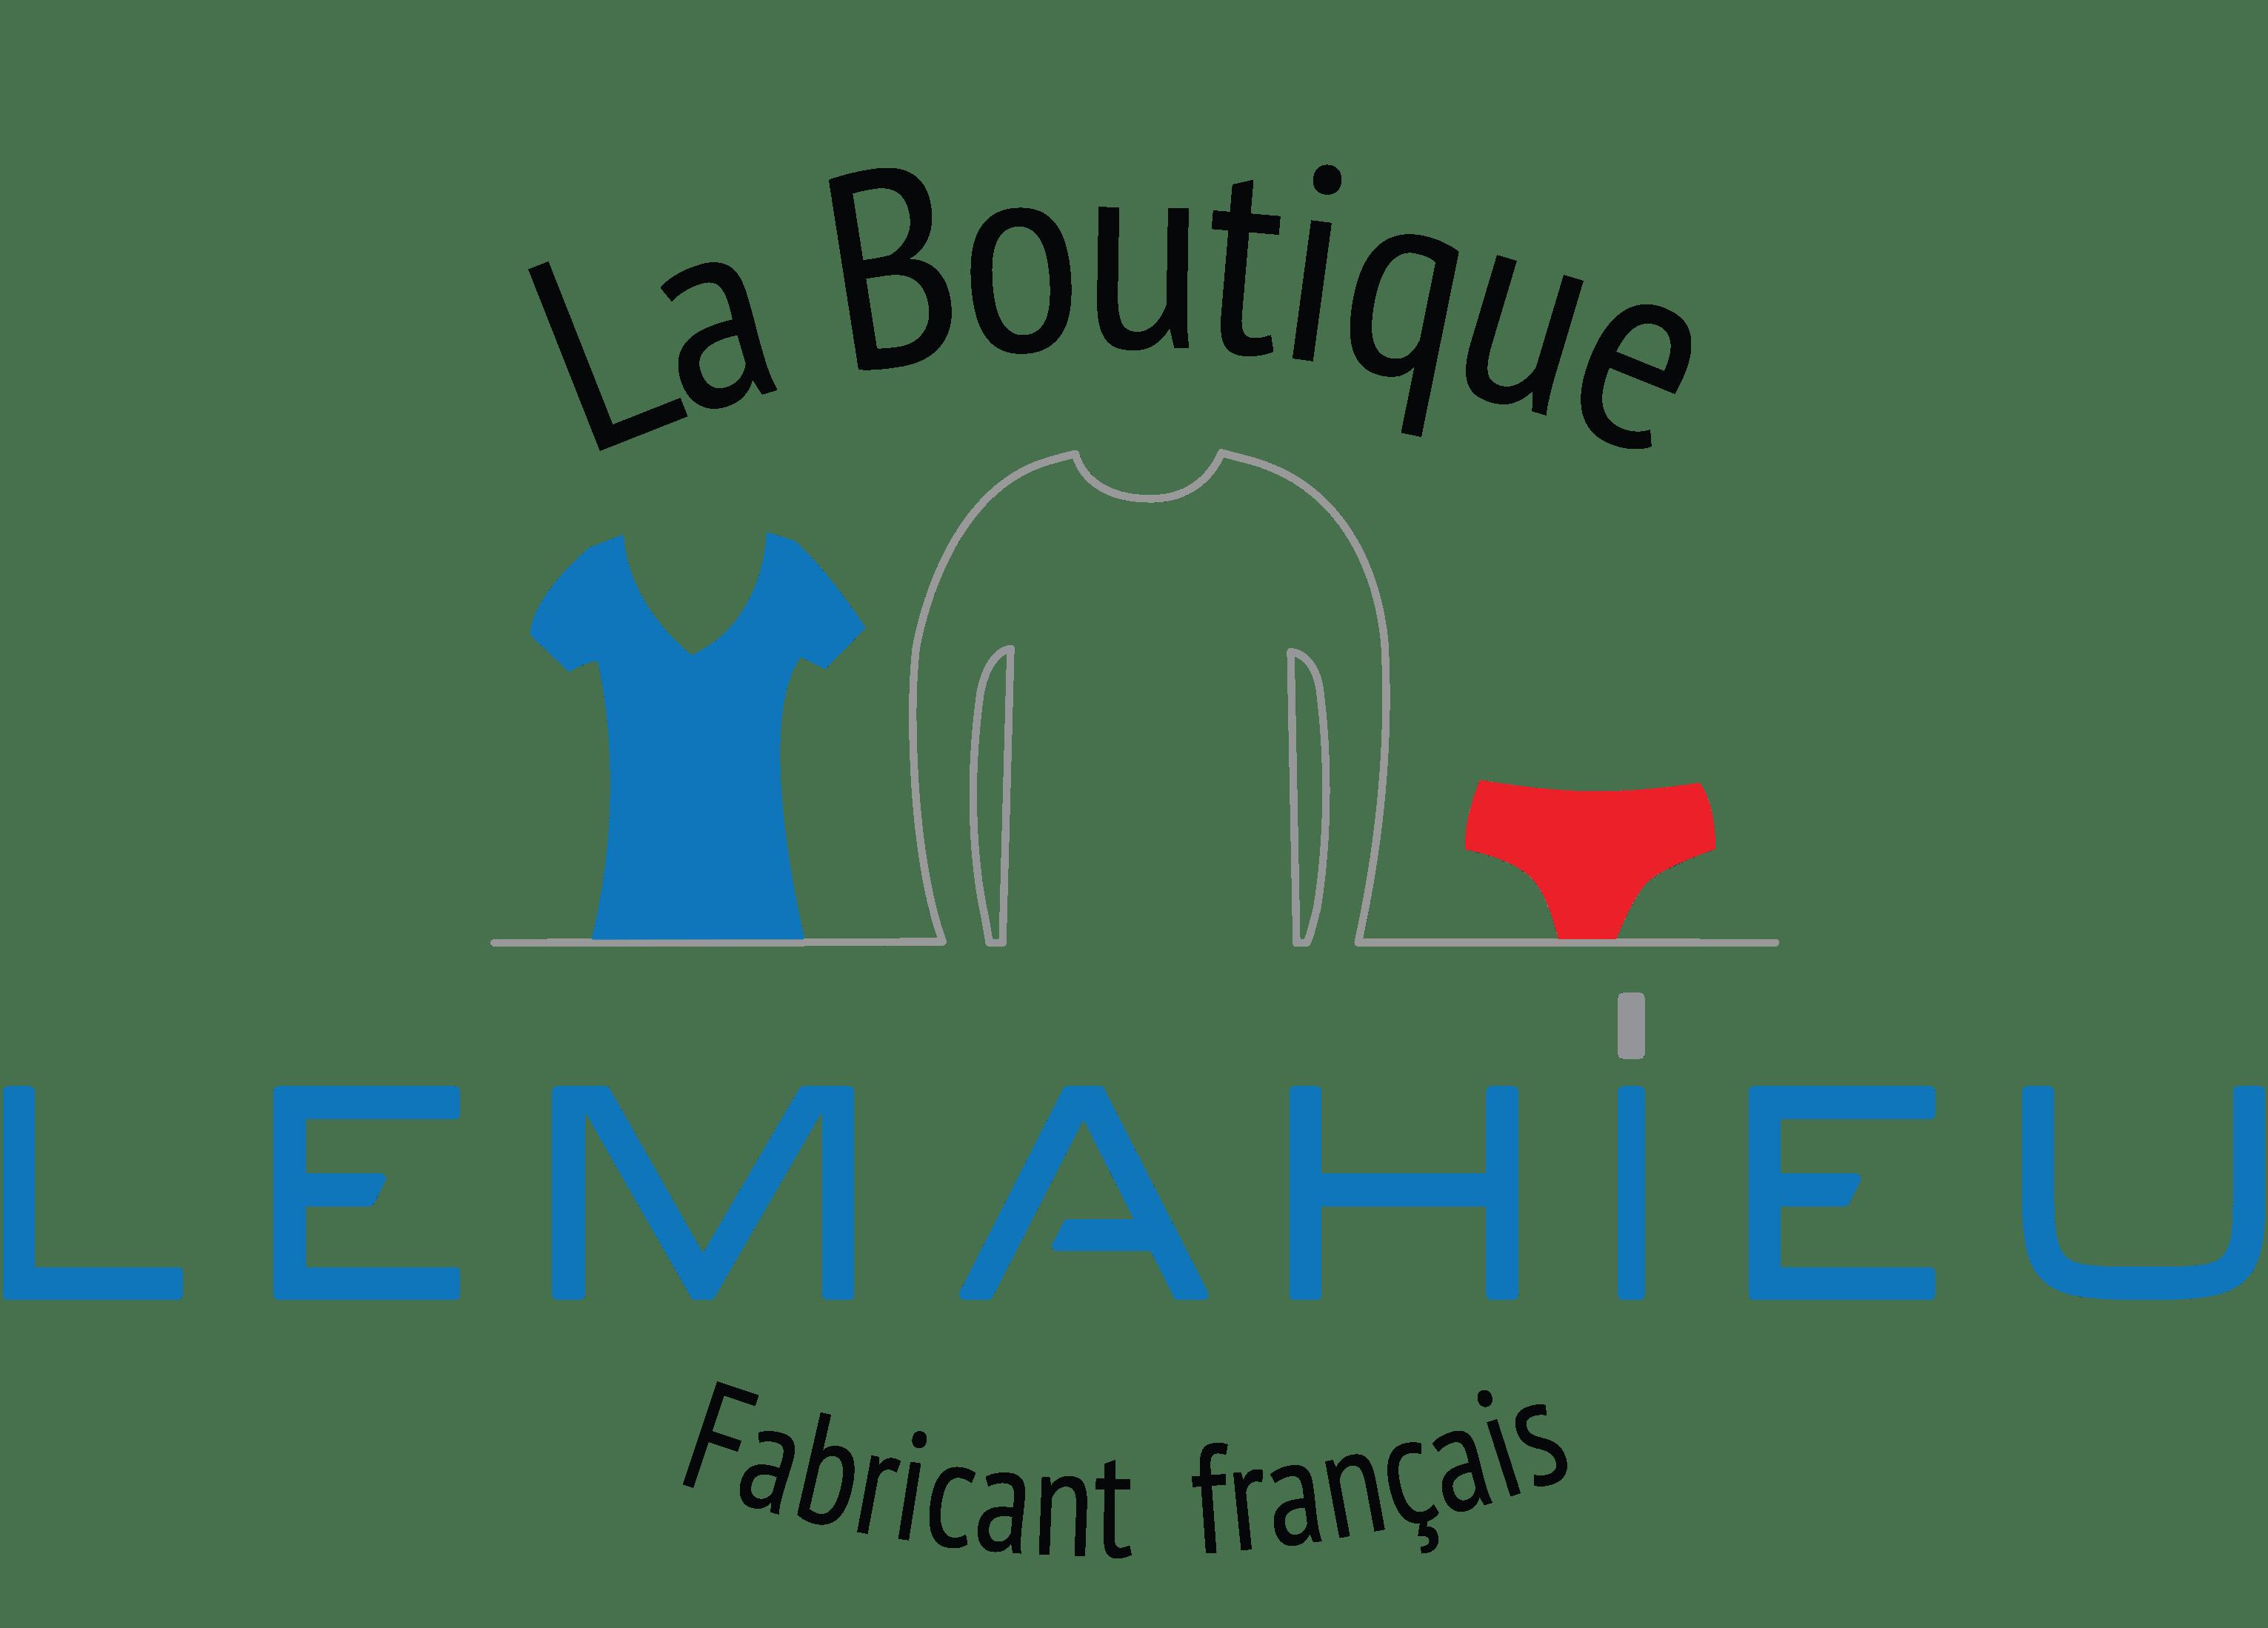 a64c25c8728 Sous-vêtements en coton pour femme fabriqués en France - Lemahieu ...